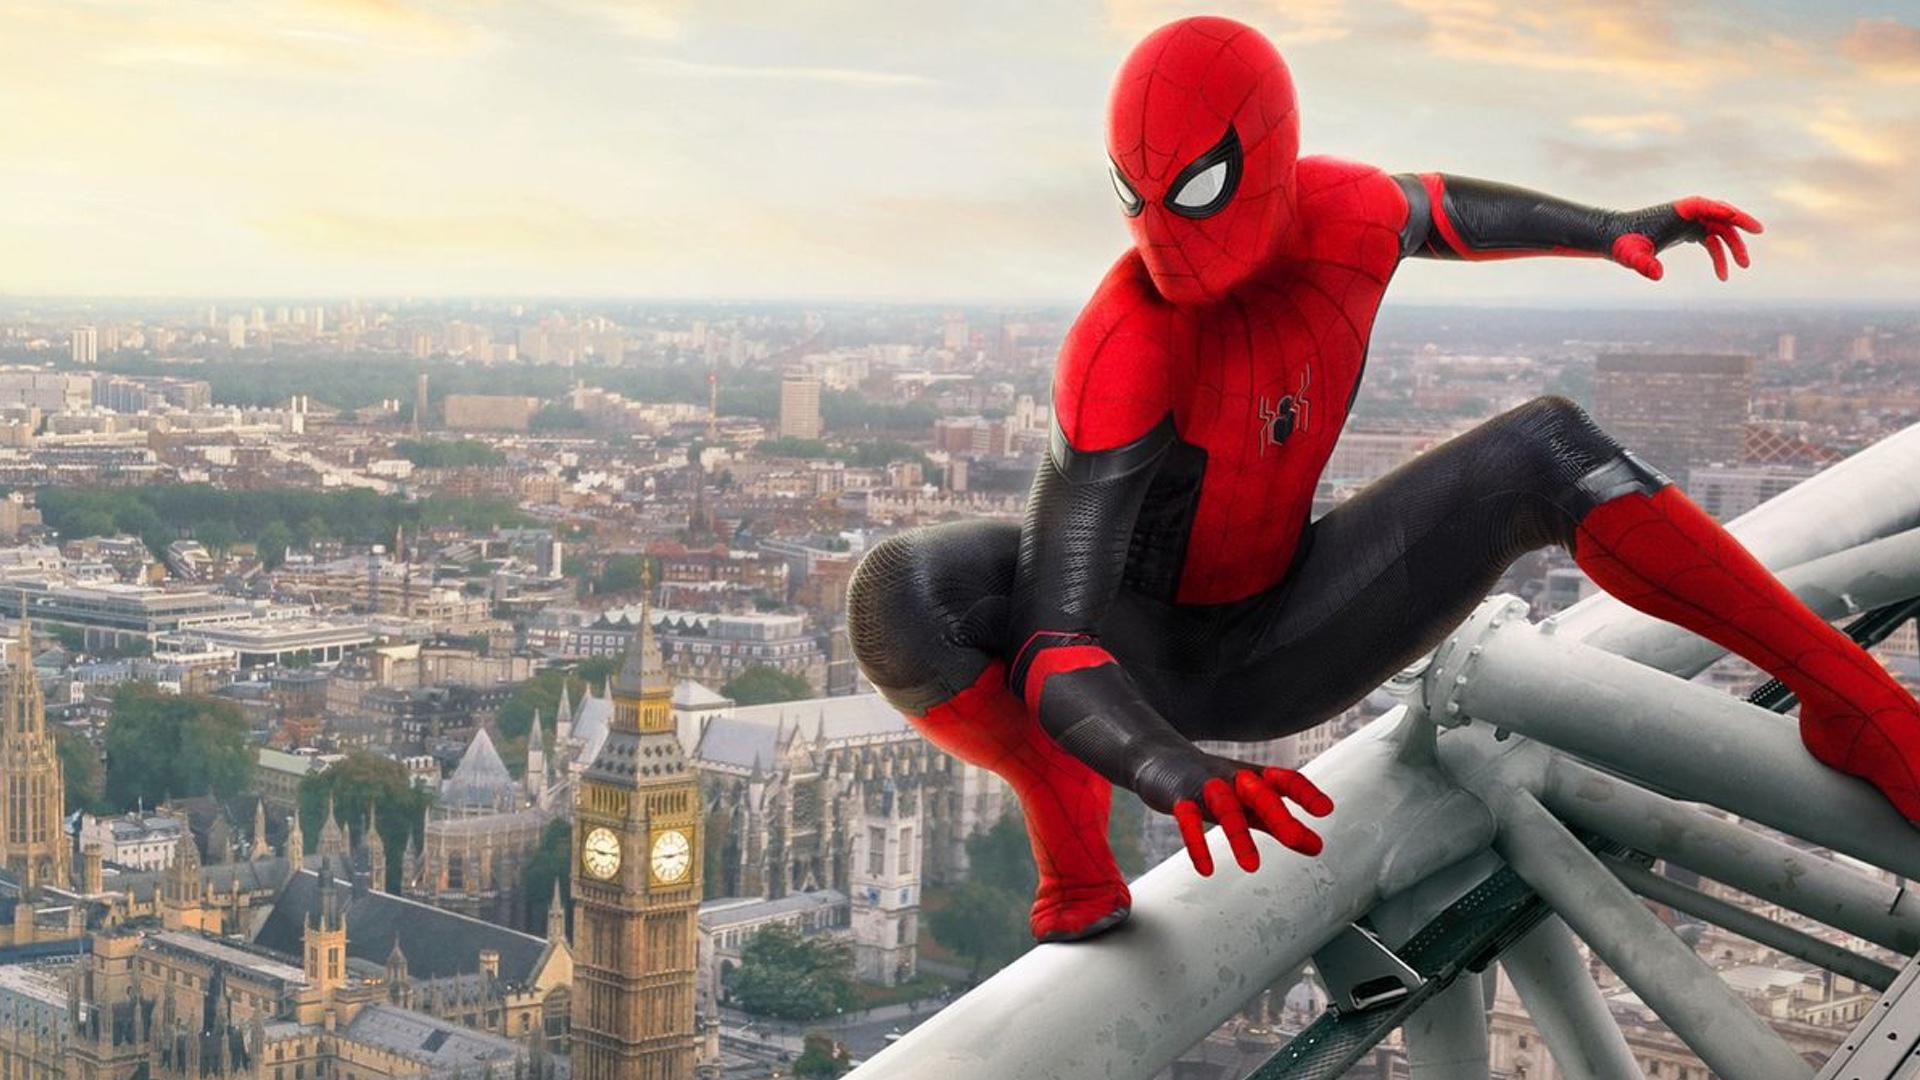 Crítica | Homem-Aranha: Longe de Casa (Spider-Man: Far From Home) [2019] -  cine